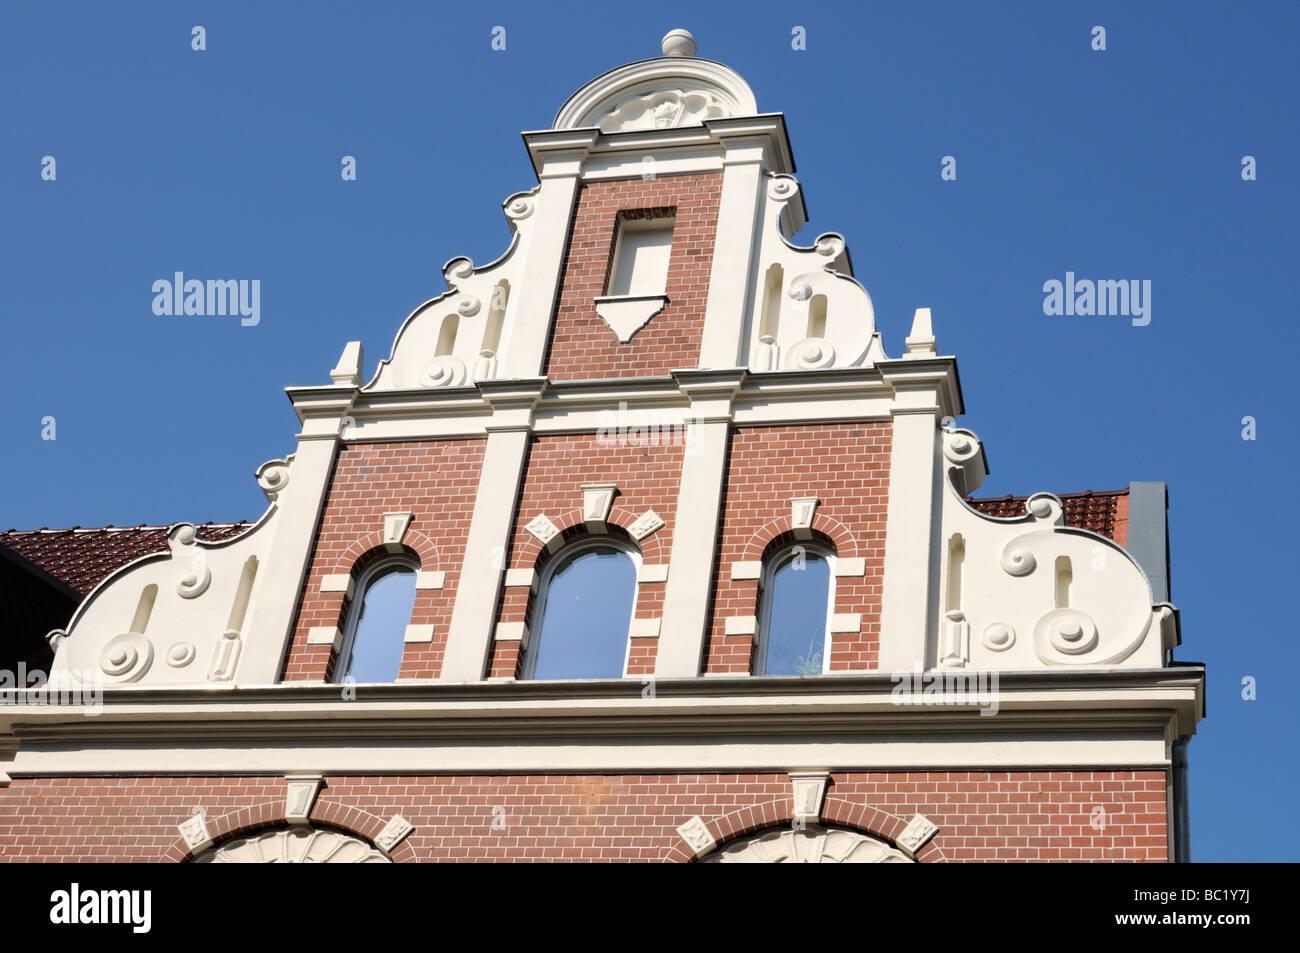 Giebel eines Gebäudes in Schwerin Deutschland Gable of a building in Schwerin Germany - Stock Image